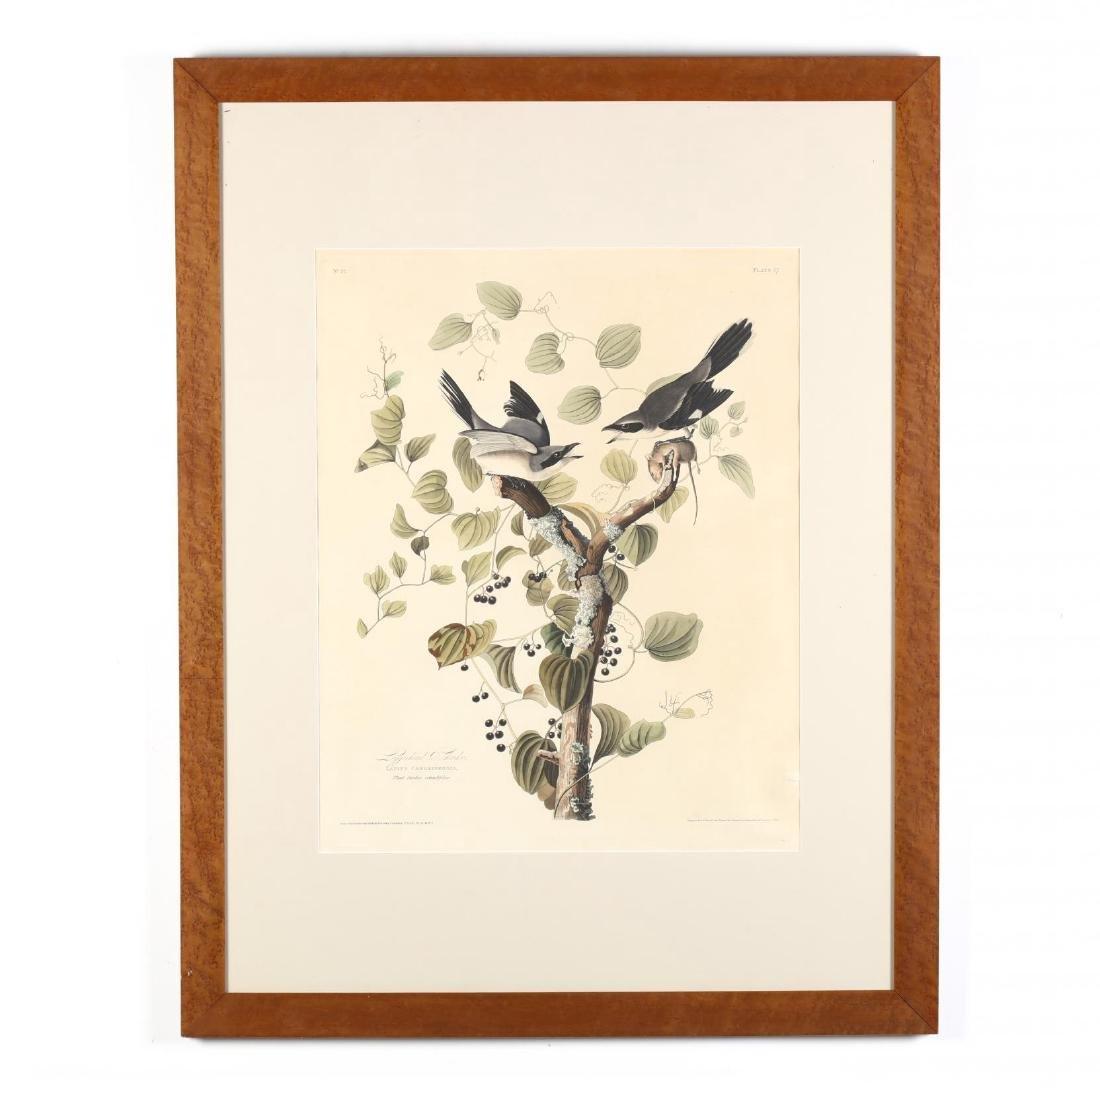 after John James Audubon (American, 1785-1851),